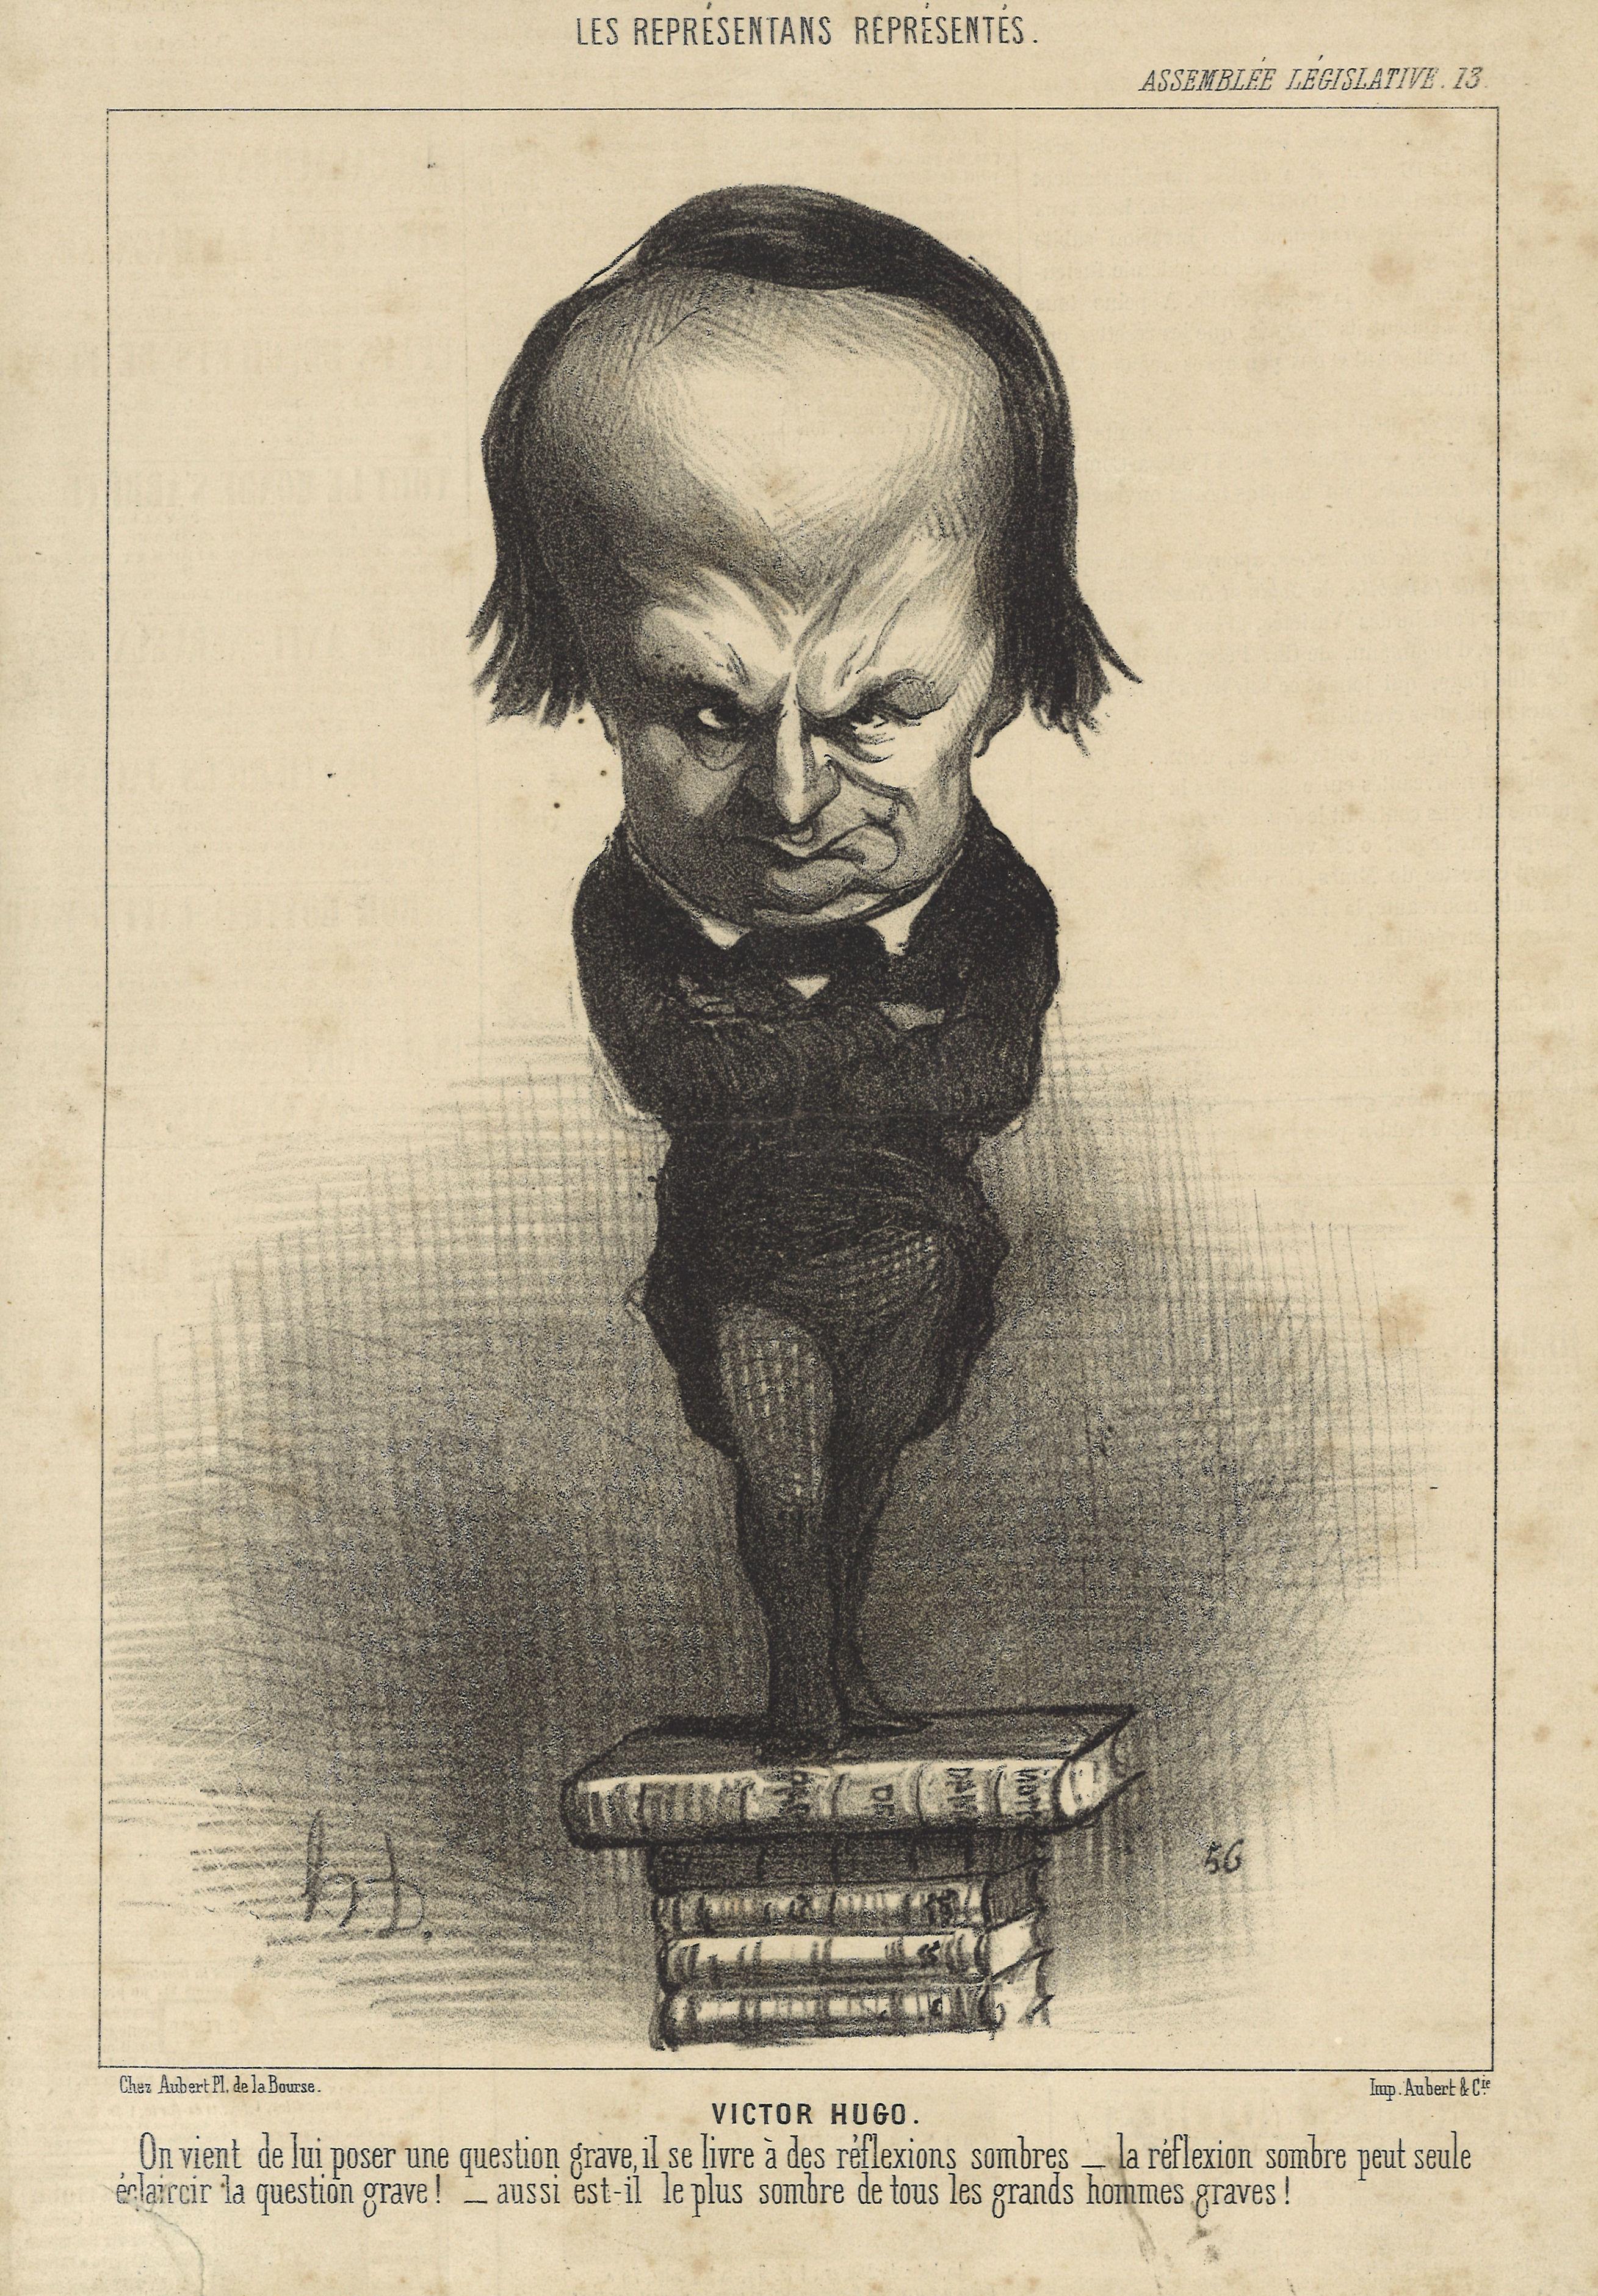 01-victor-hugo-caricature-par-honorc-daumier-le-charivari-1849